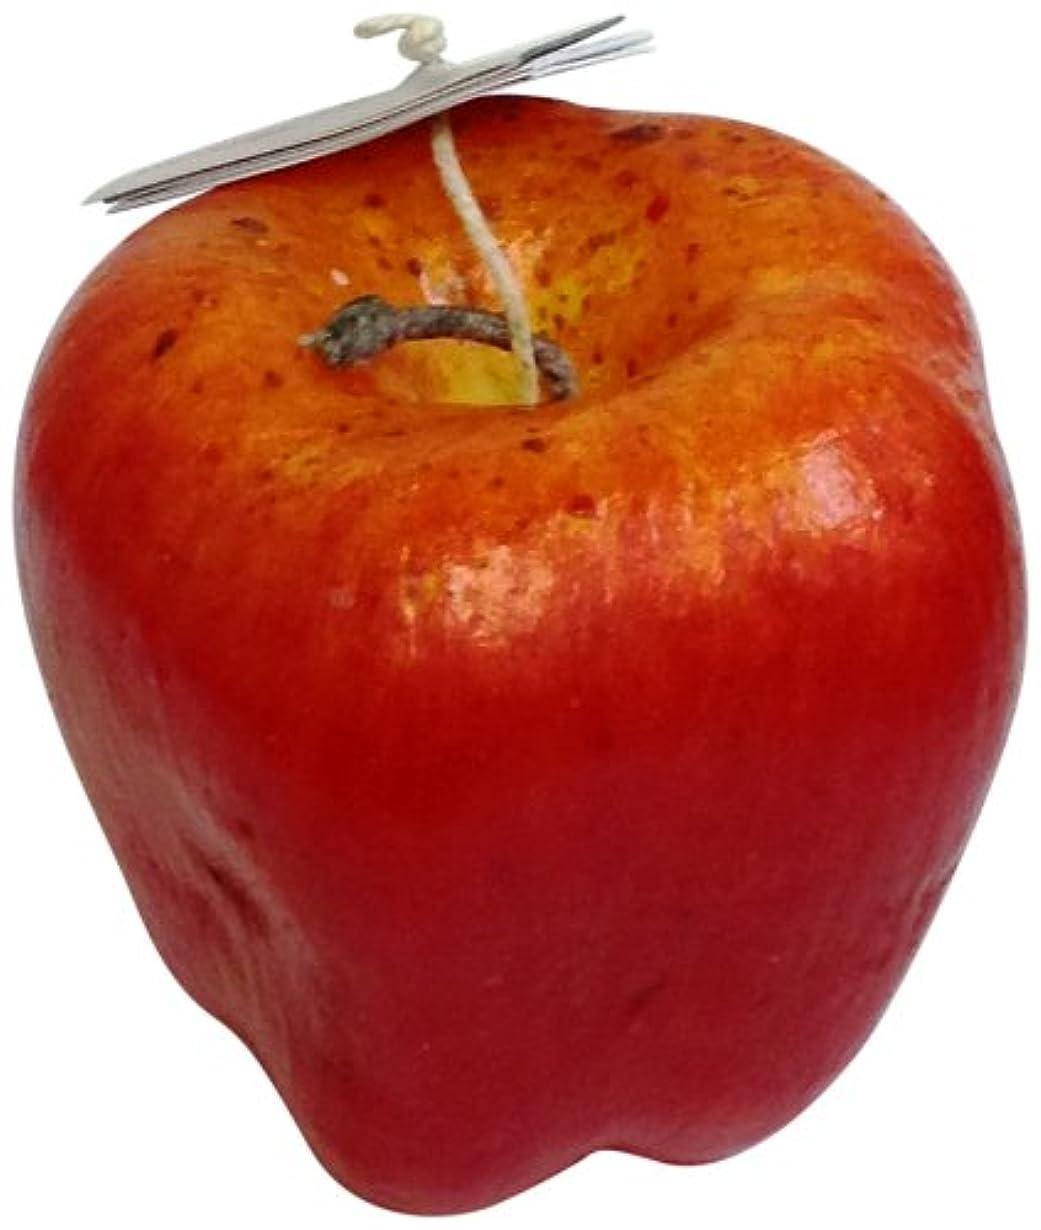 なかなか聖なるイブニングニミティッドフルーツキャンドル レッドアップル ラージ